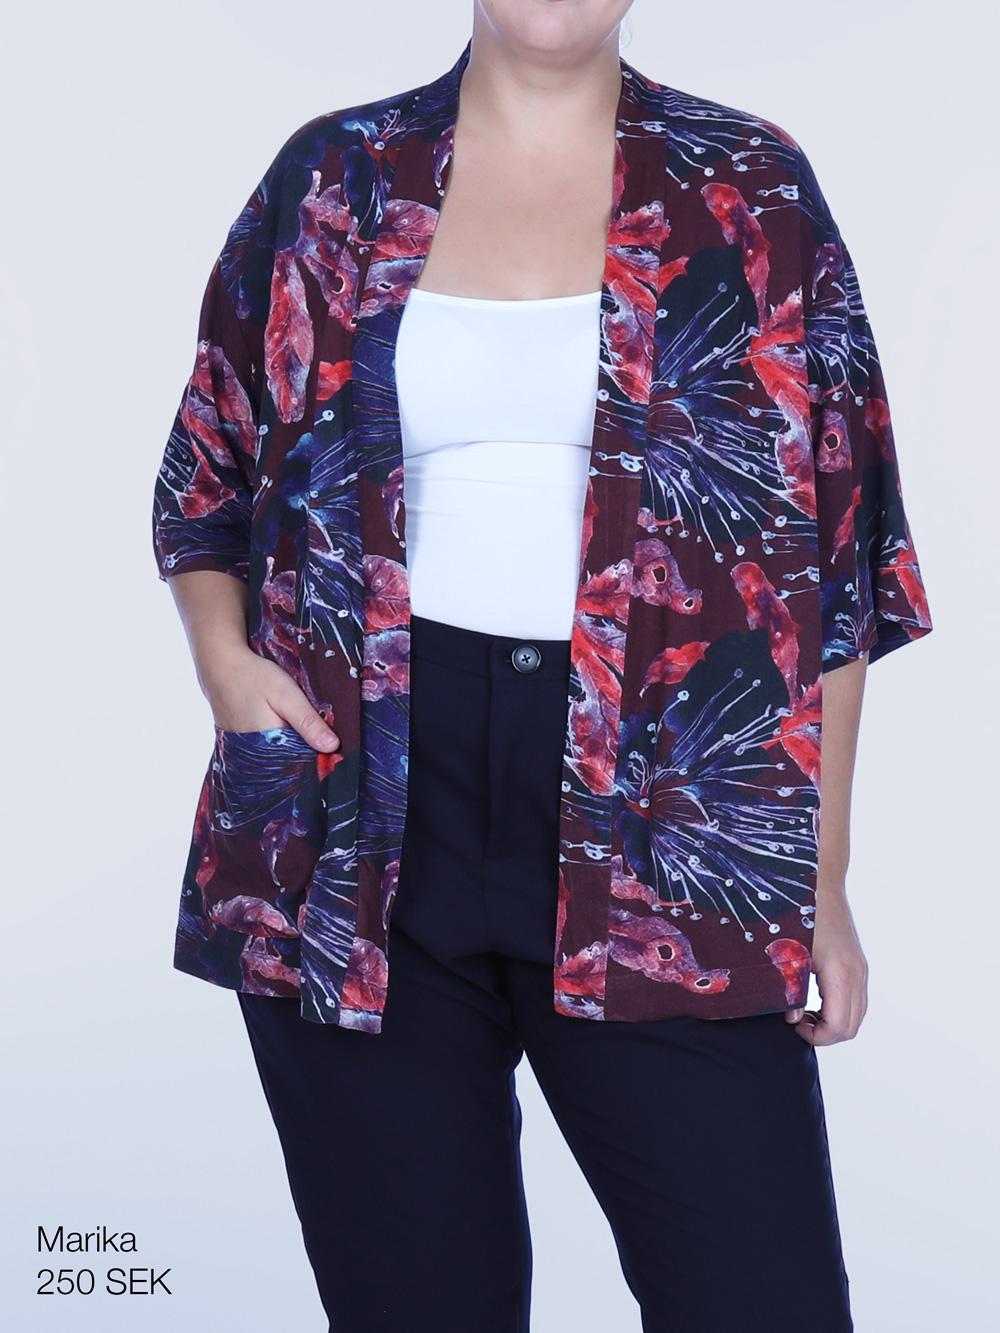 sewing_pattern_mf_marika6g